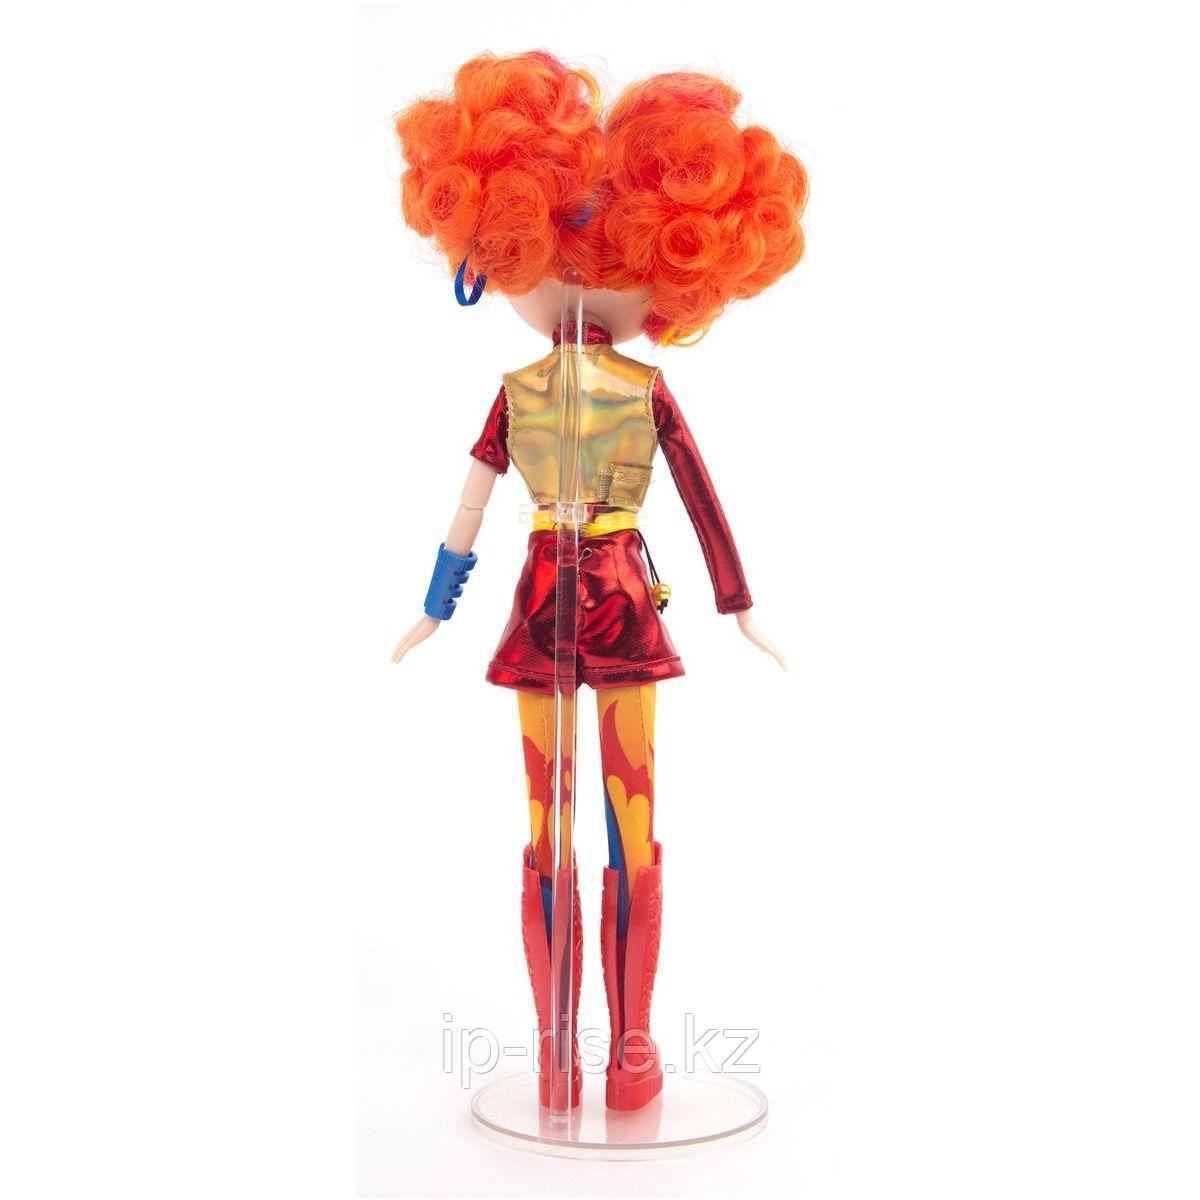 Сказочный патруль: Кукла Аленка, серия Magic New - фото 3